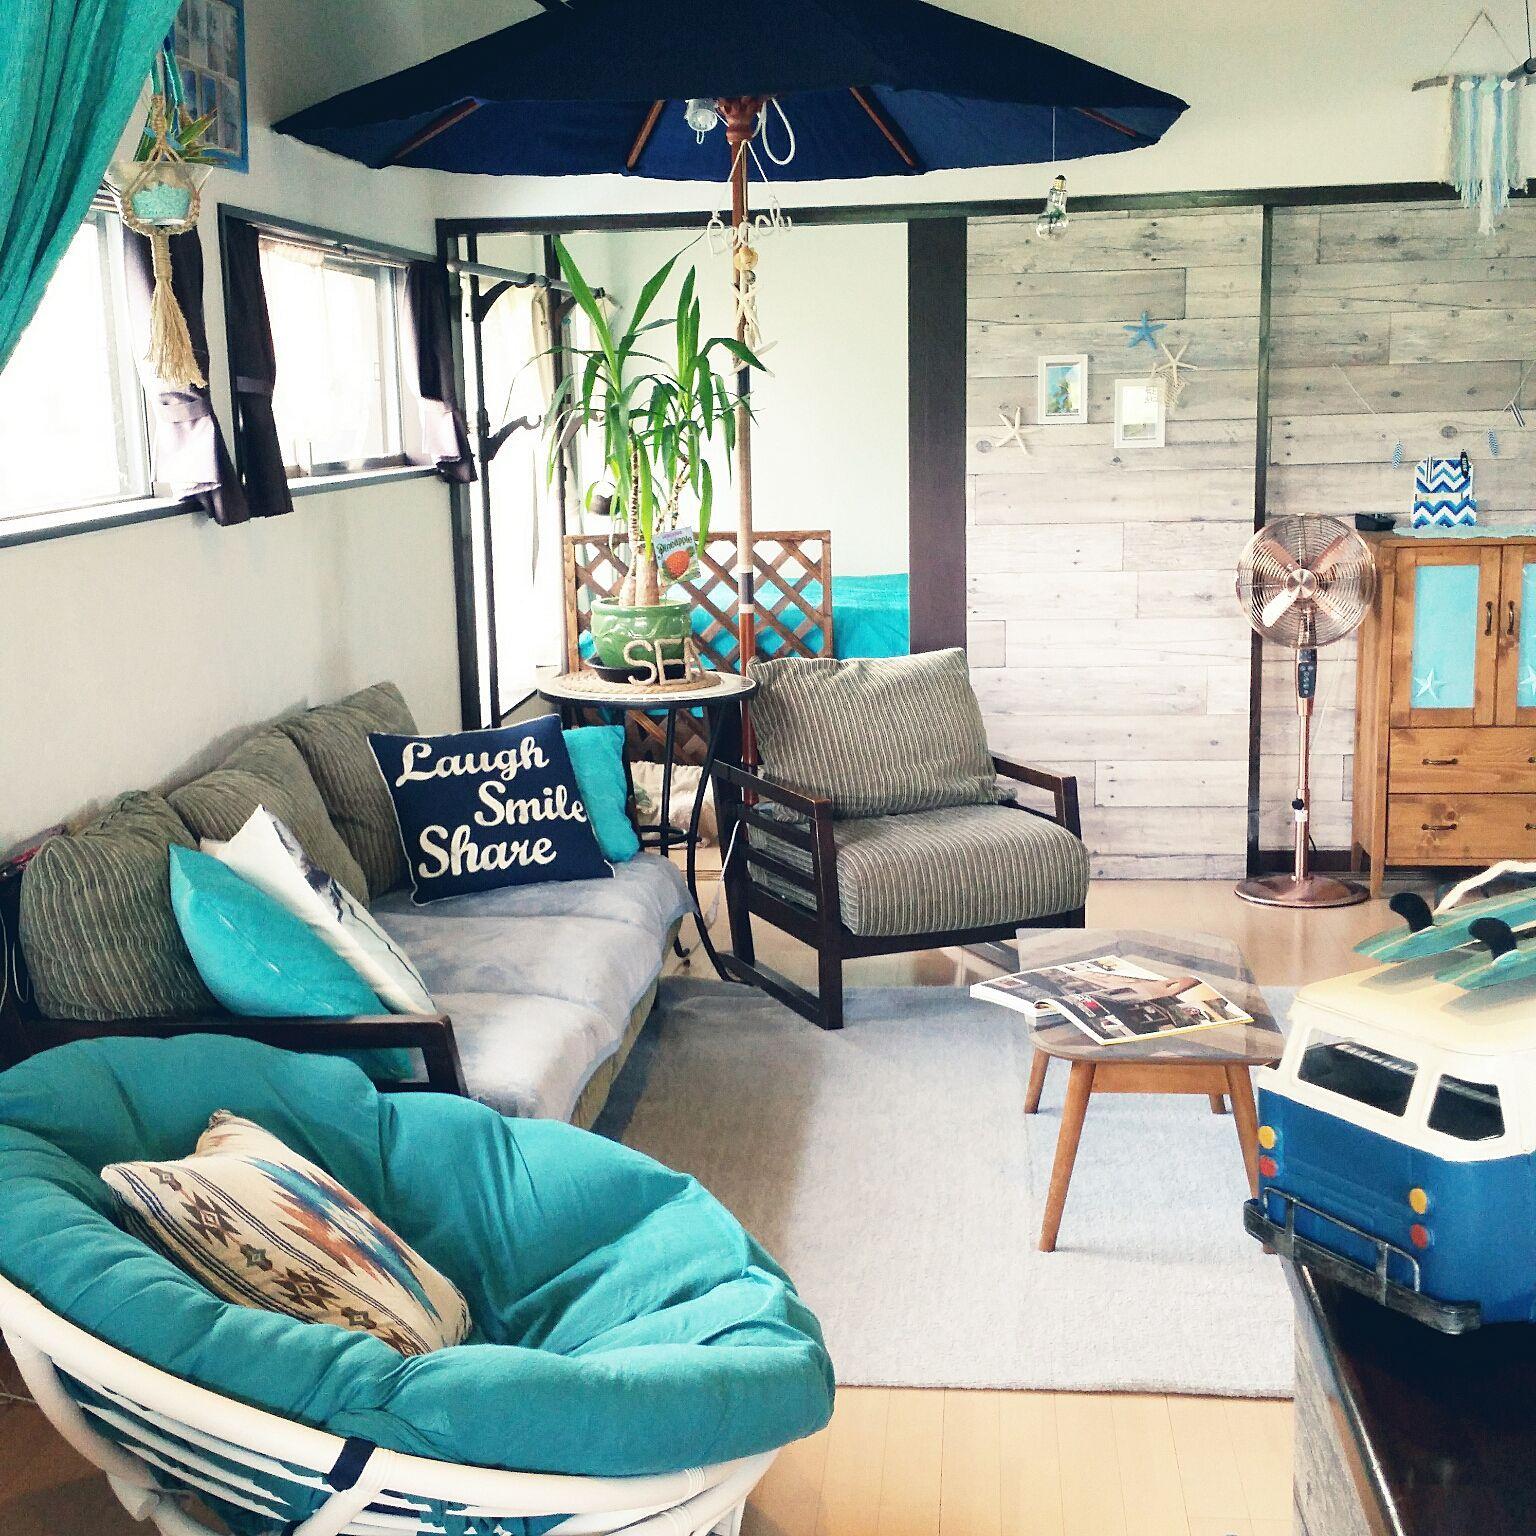 まるでビーチサイド?!海を感じるインテリアで南国リゾート気分 室内装飾 家の装飾のアイデアのリビン